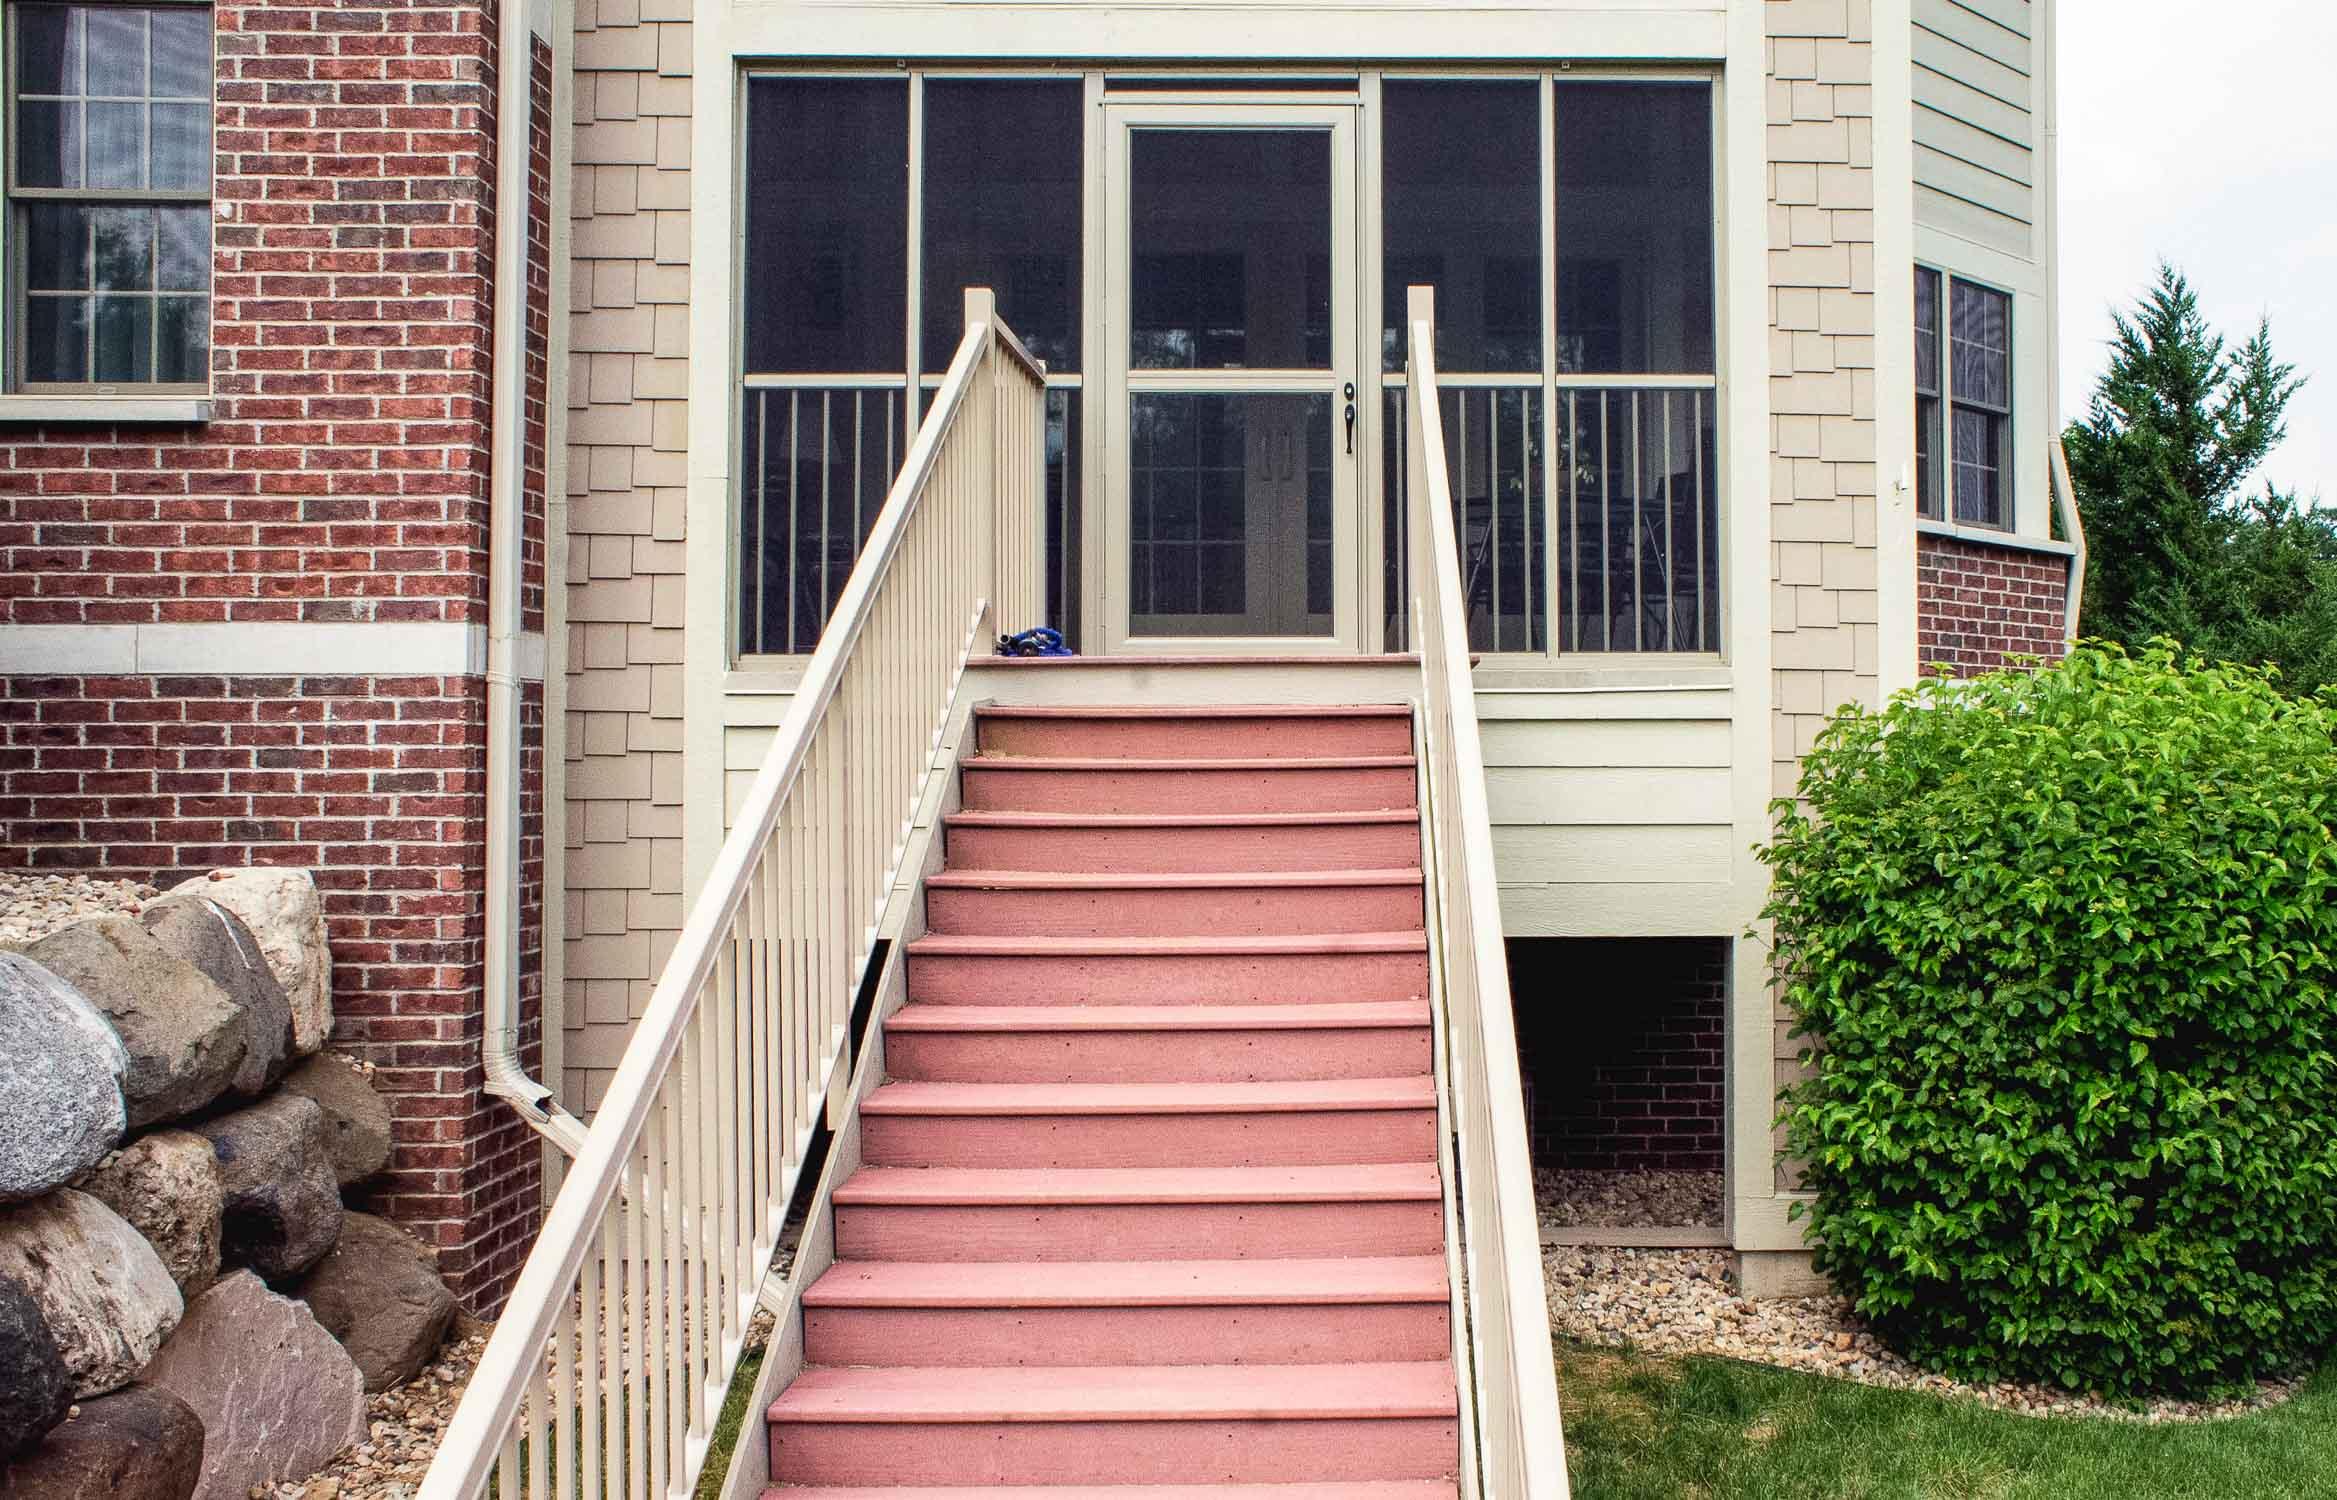 Condominium Renovation - Replacement Stair Case